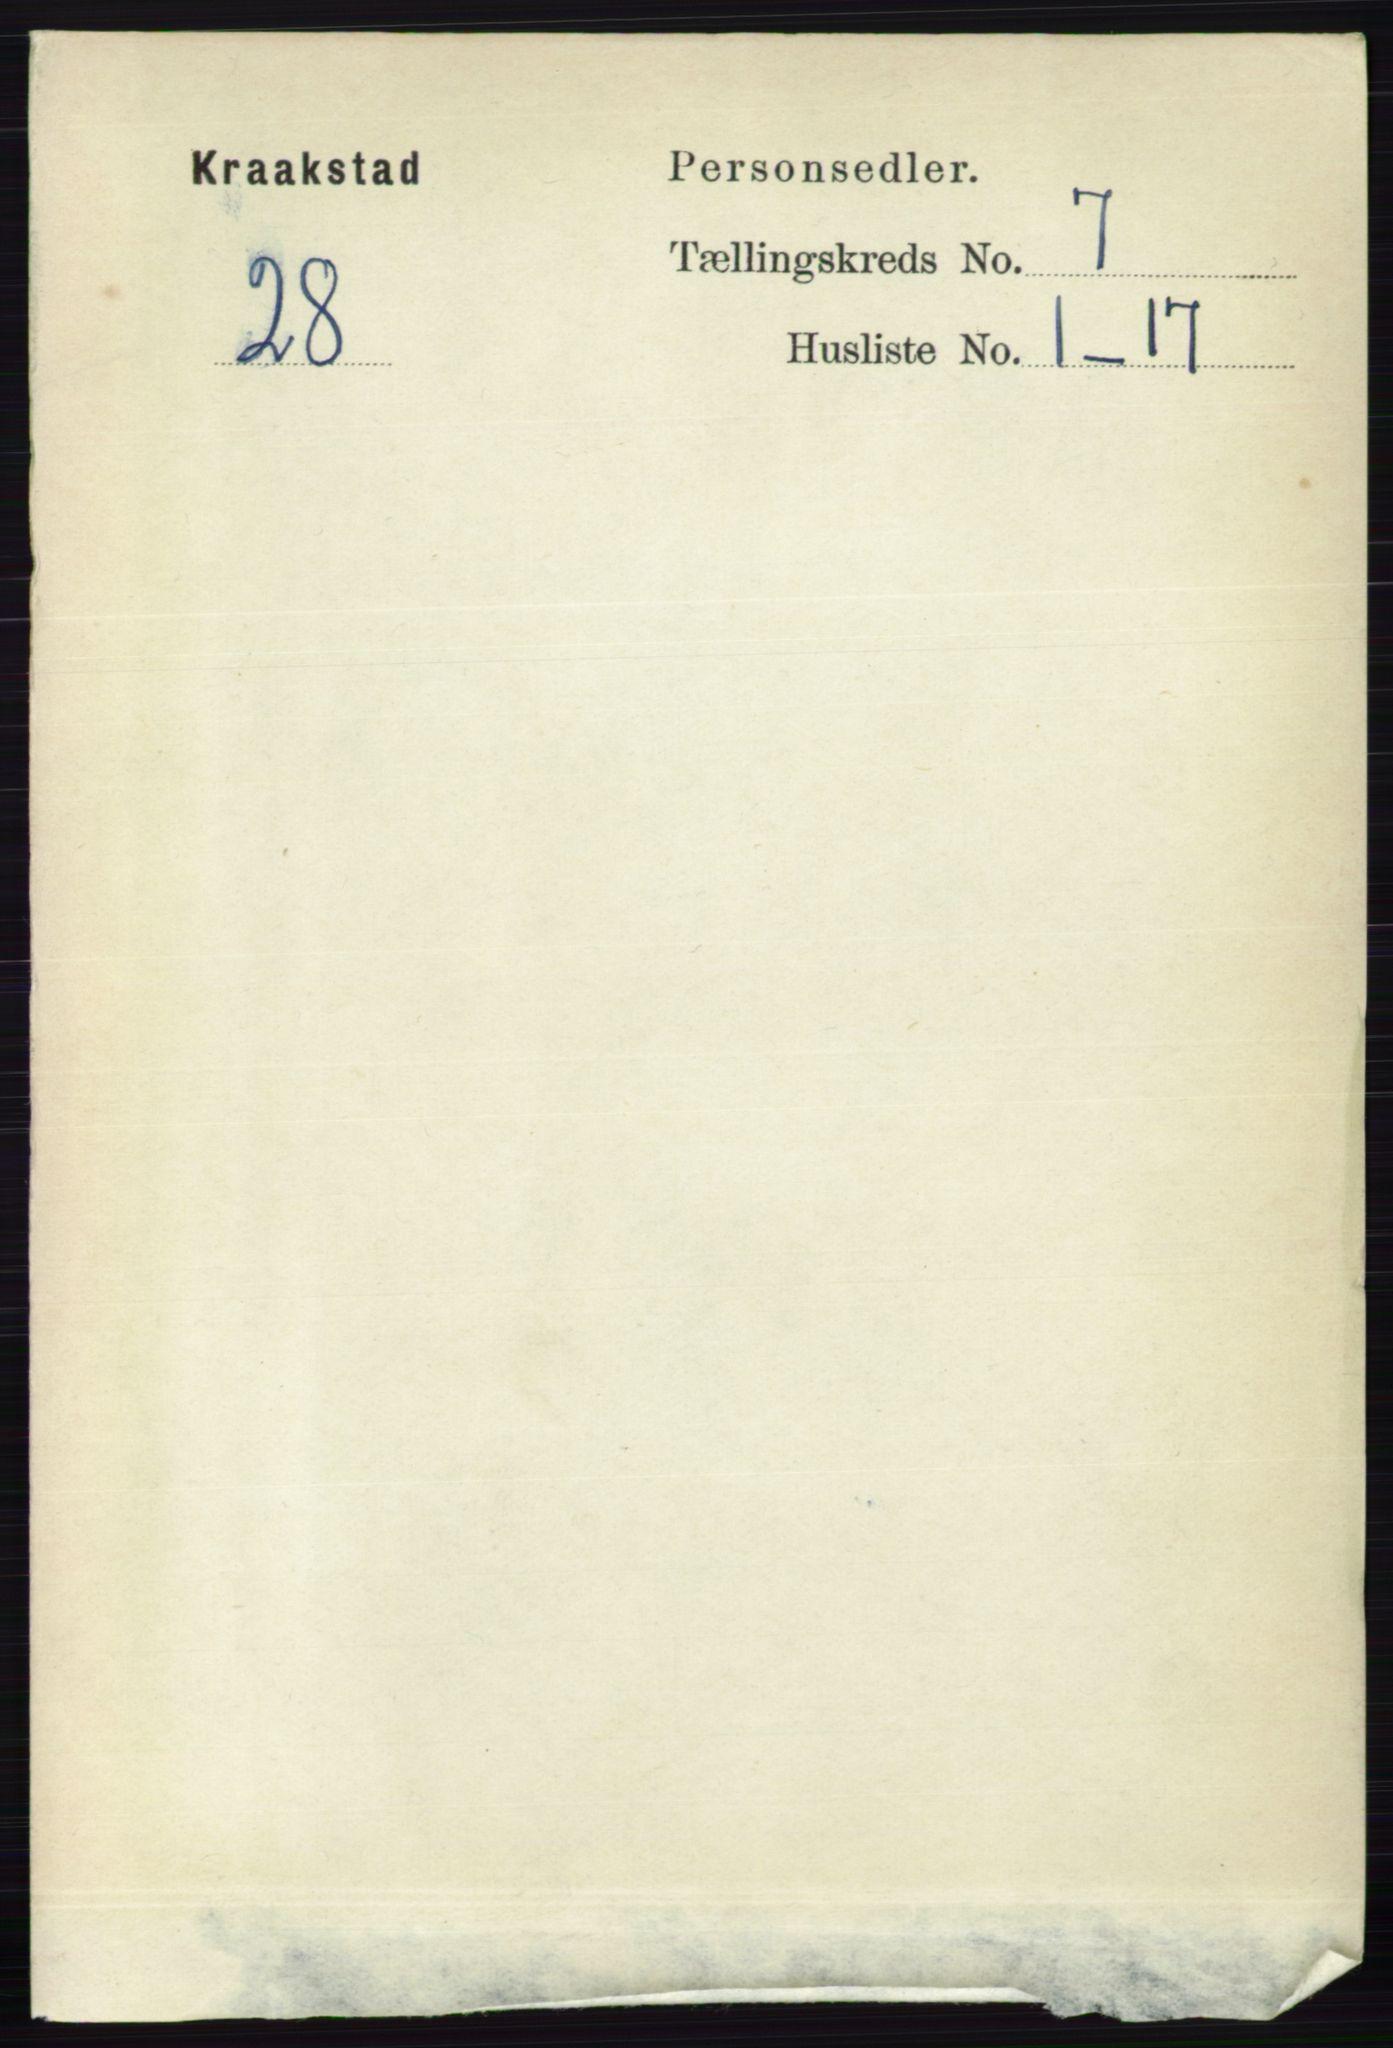 RA, Folketelling 1891 for 0212 Kråkstad herred, 1891, s. 3345